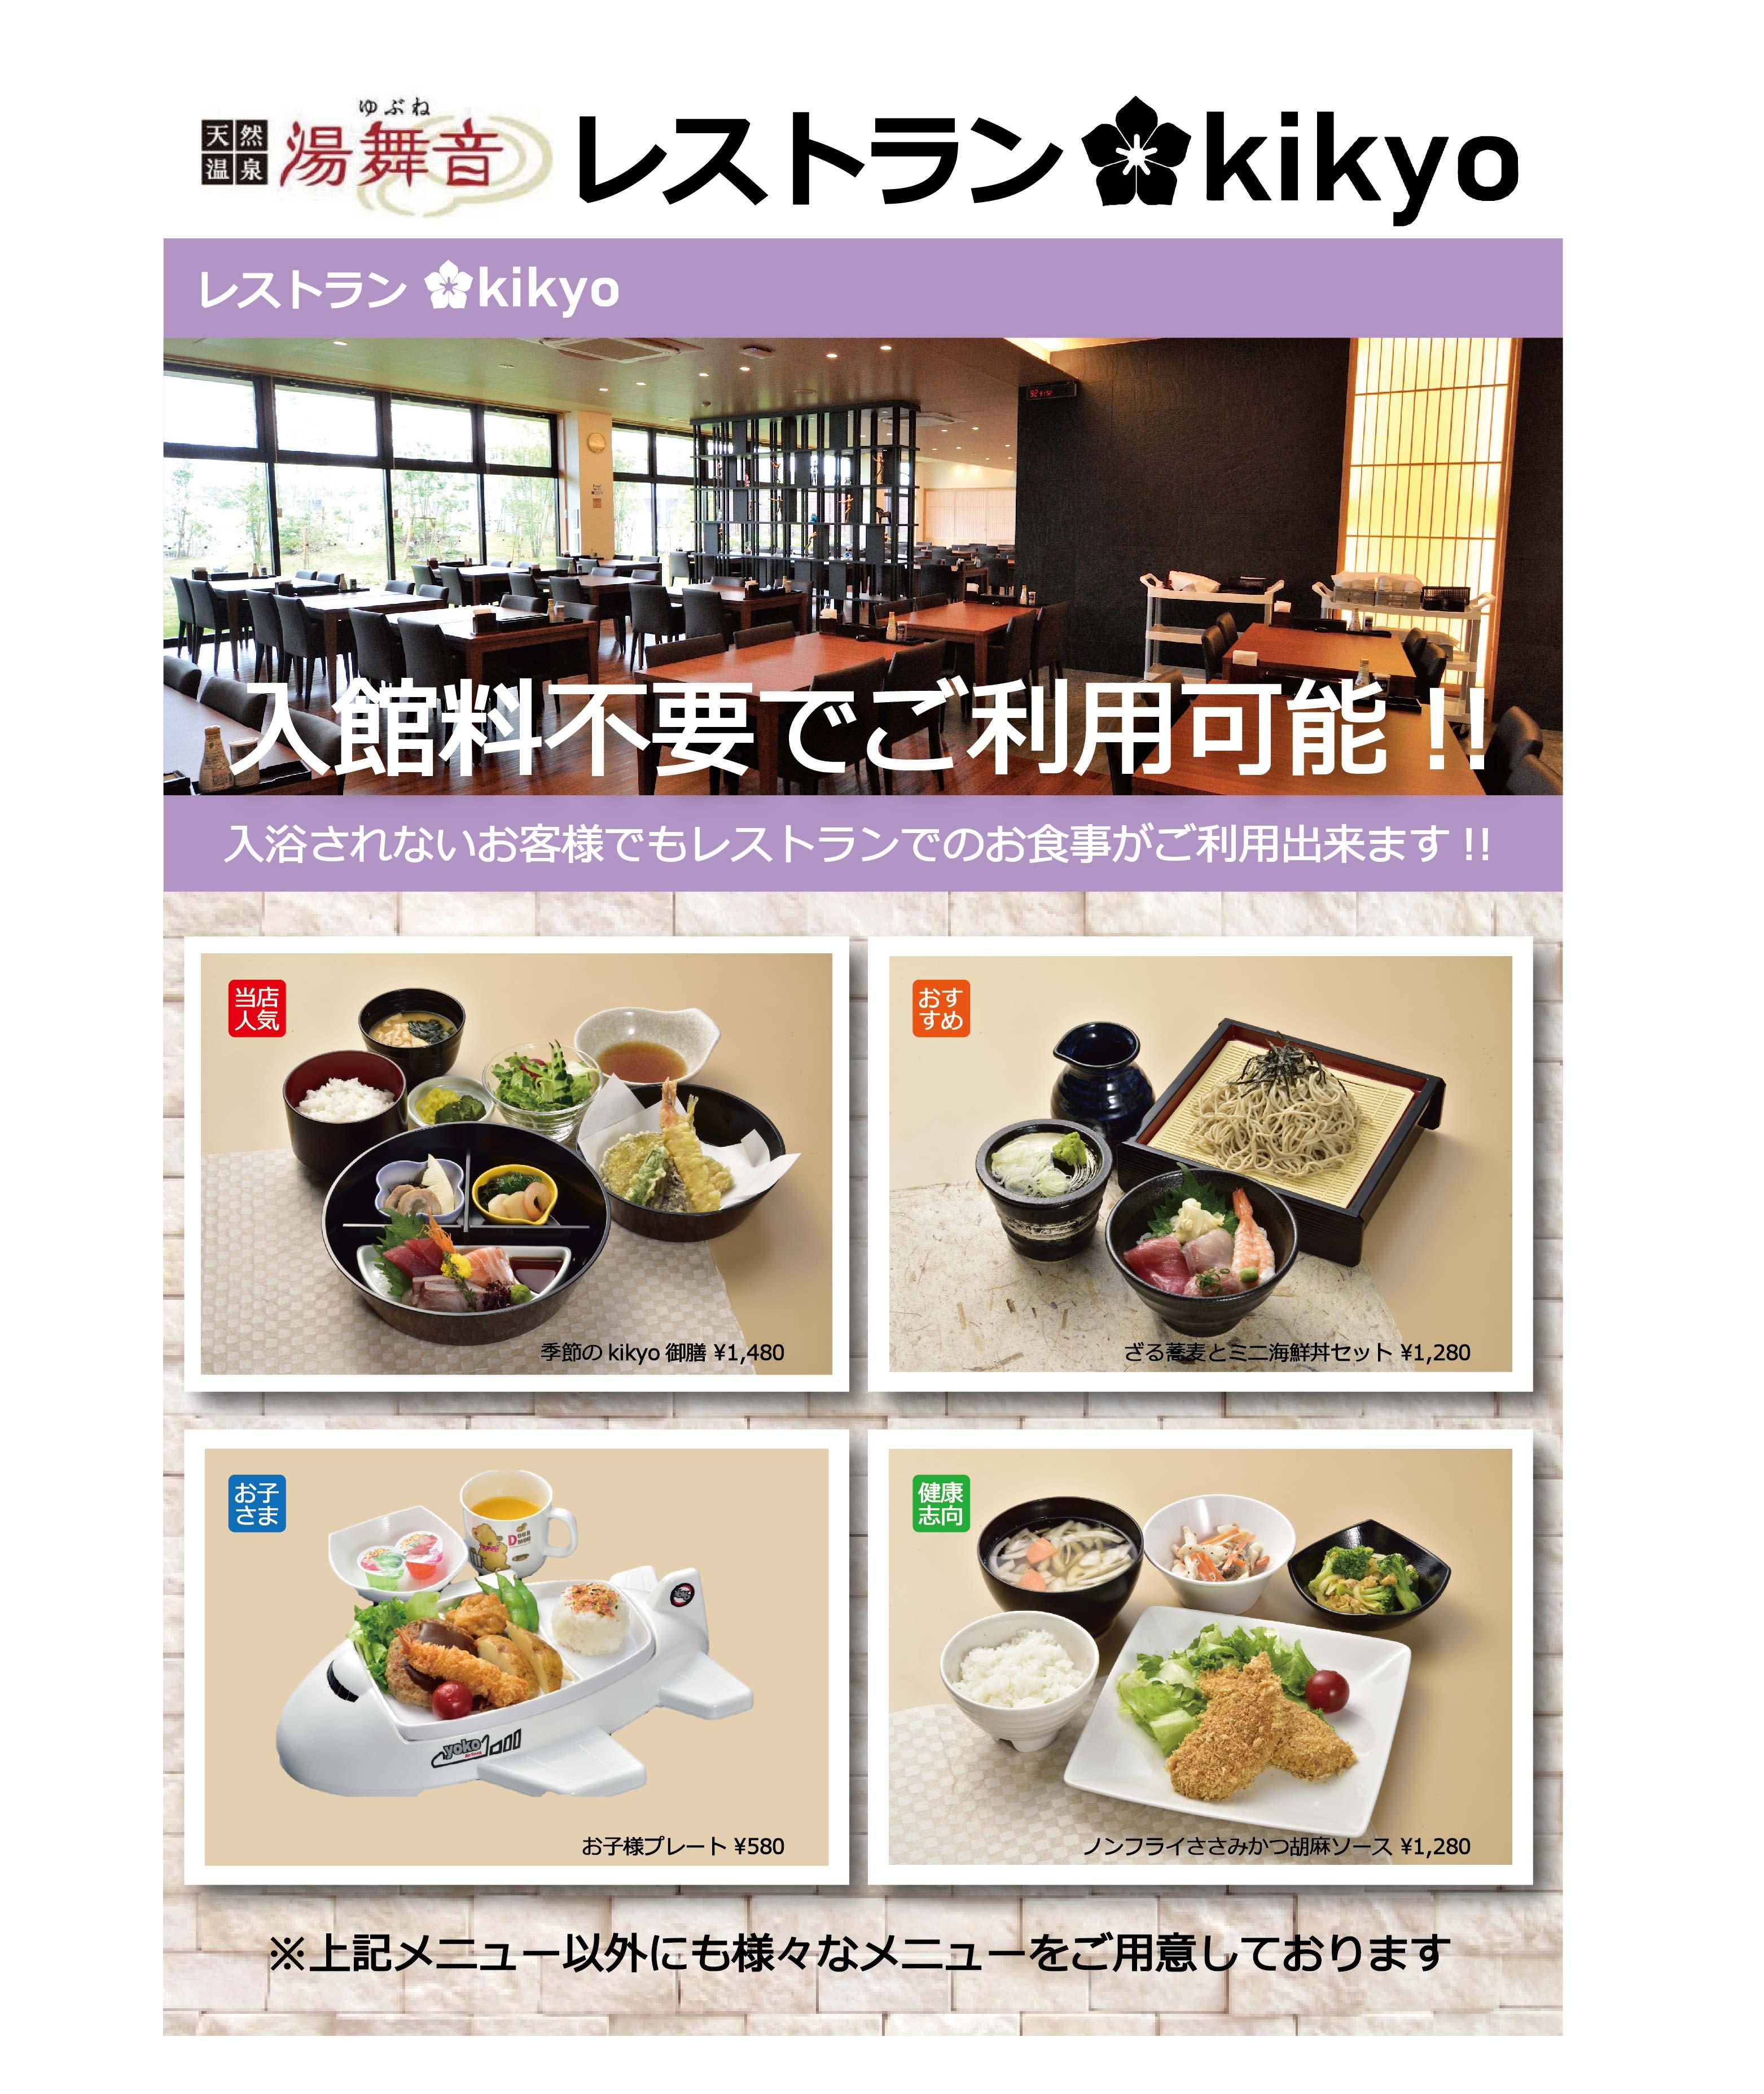 8月1日~入館料が不要でレストランのご利用ができるようになります!